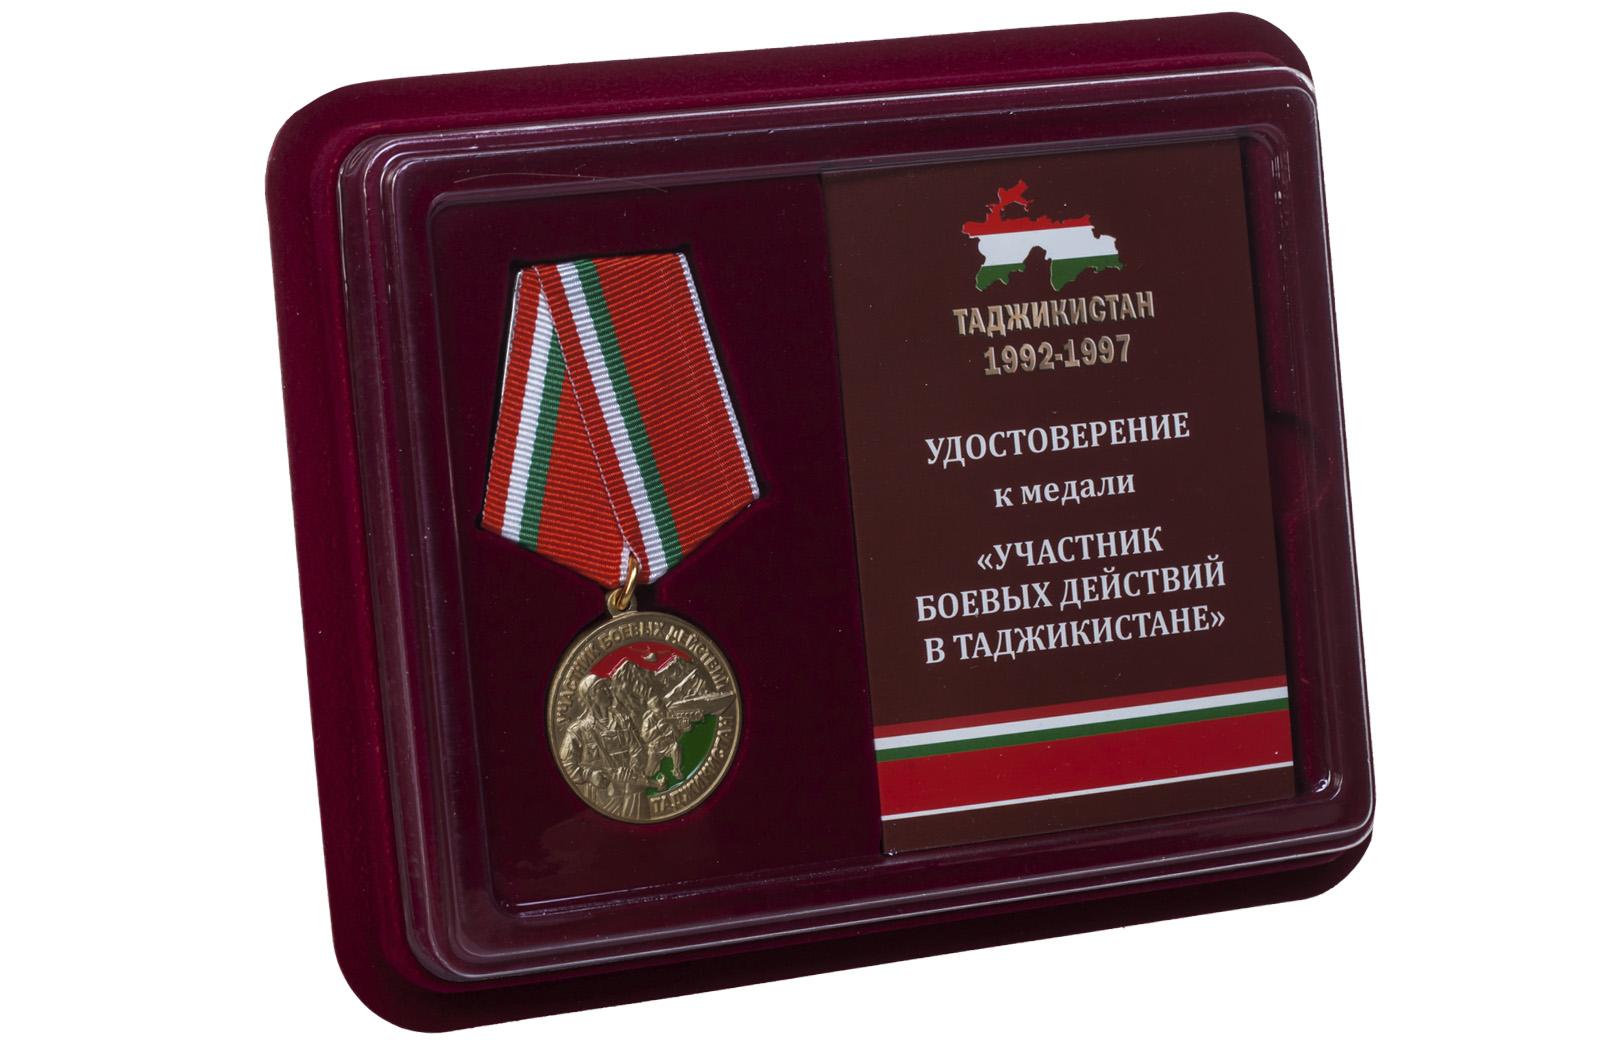 Купить медаль Участнику боевых действий в Таджикистане 1992-1997 гг с доставкой